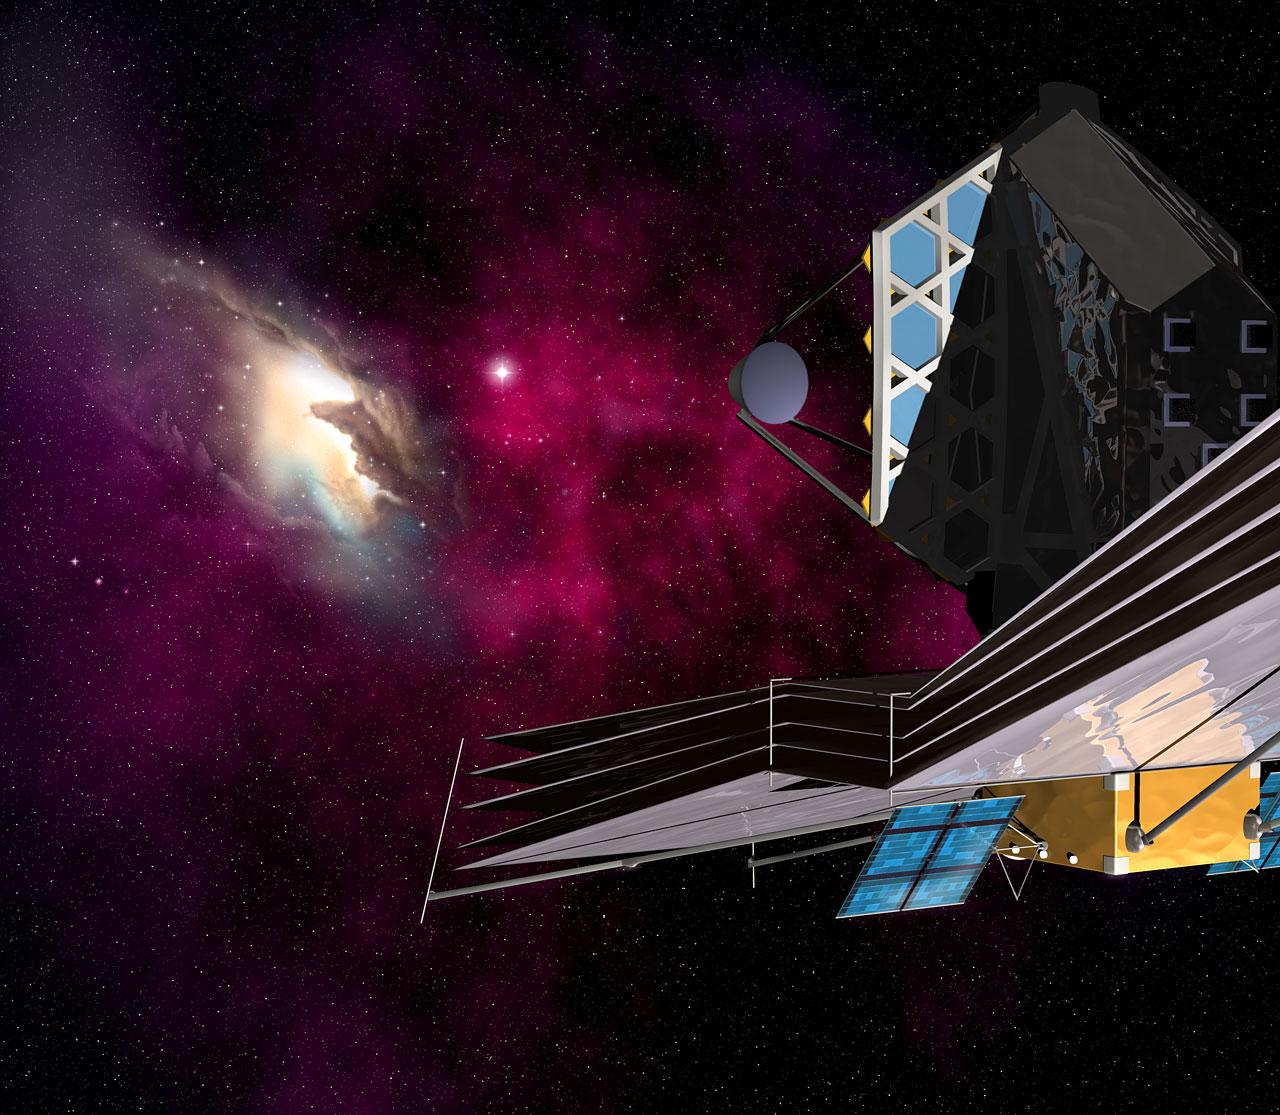 Jwst vs Hubble - Pics about space